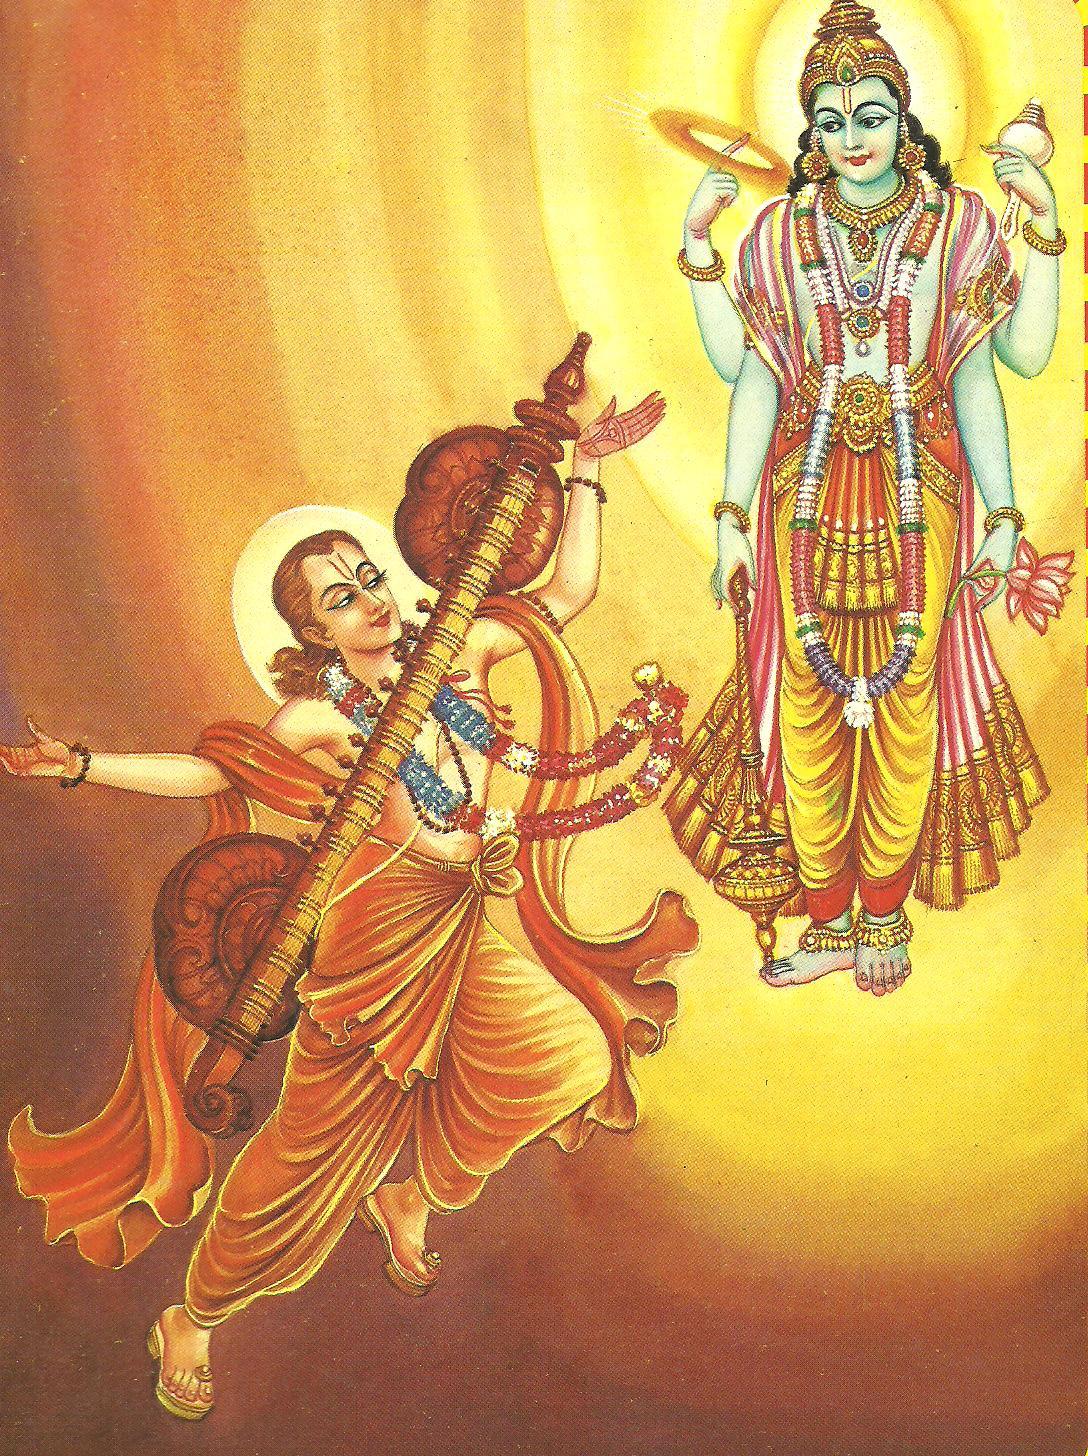 PunjabKesari, Vaishakh mahina 2020, Vaishakh Maas, vaishakh mahina 2020 calendar, वैसाख मास, वैसाख मास 2020, vaishakh maas 2020, vaishakh maas ki katha, vaishakh maas ki purnima, Dharmik katha in hindi, Hindu Religion, Hindu festival